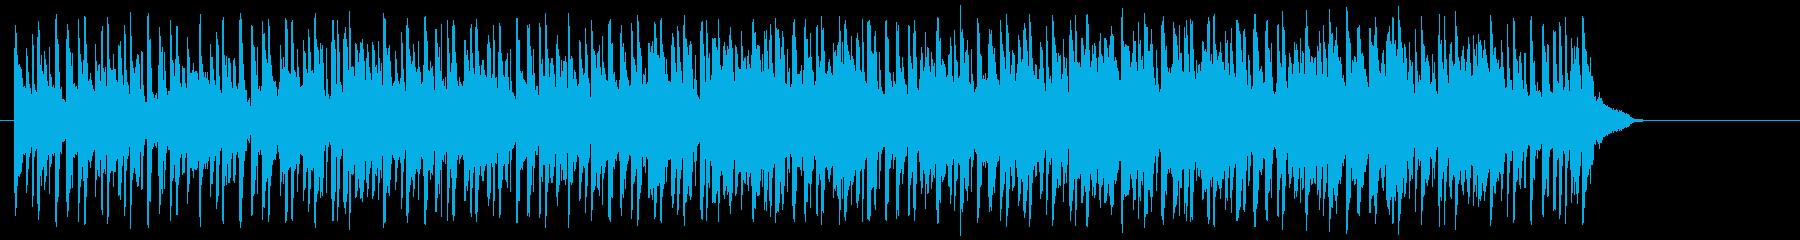 大人のポップ/ボサノバ(Aメロ~サビ)の再生済みの波形